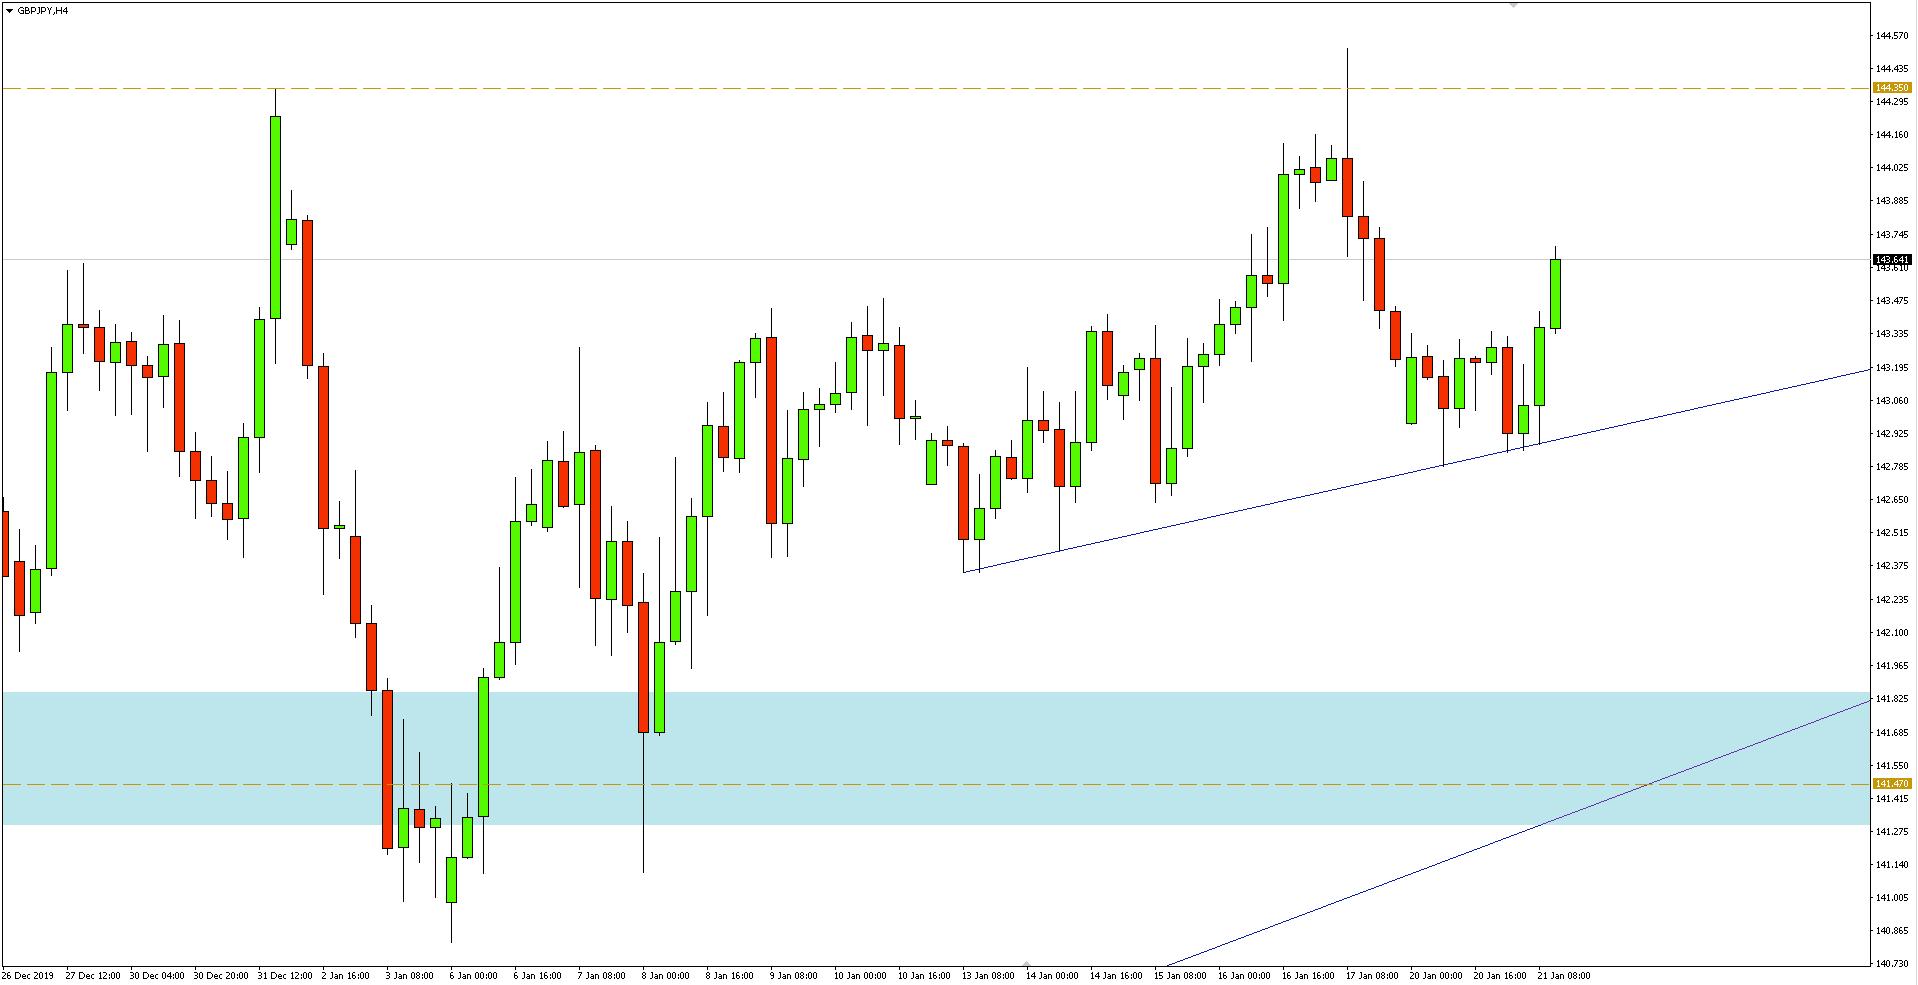 Wykres 4-godzinny pary walutowej GBPJPY - 21.01.2020